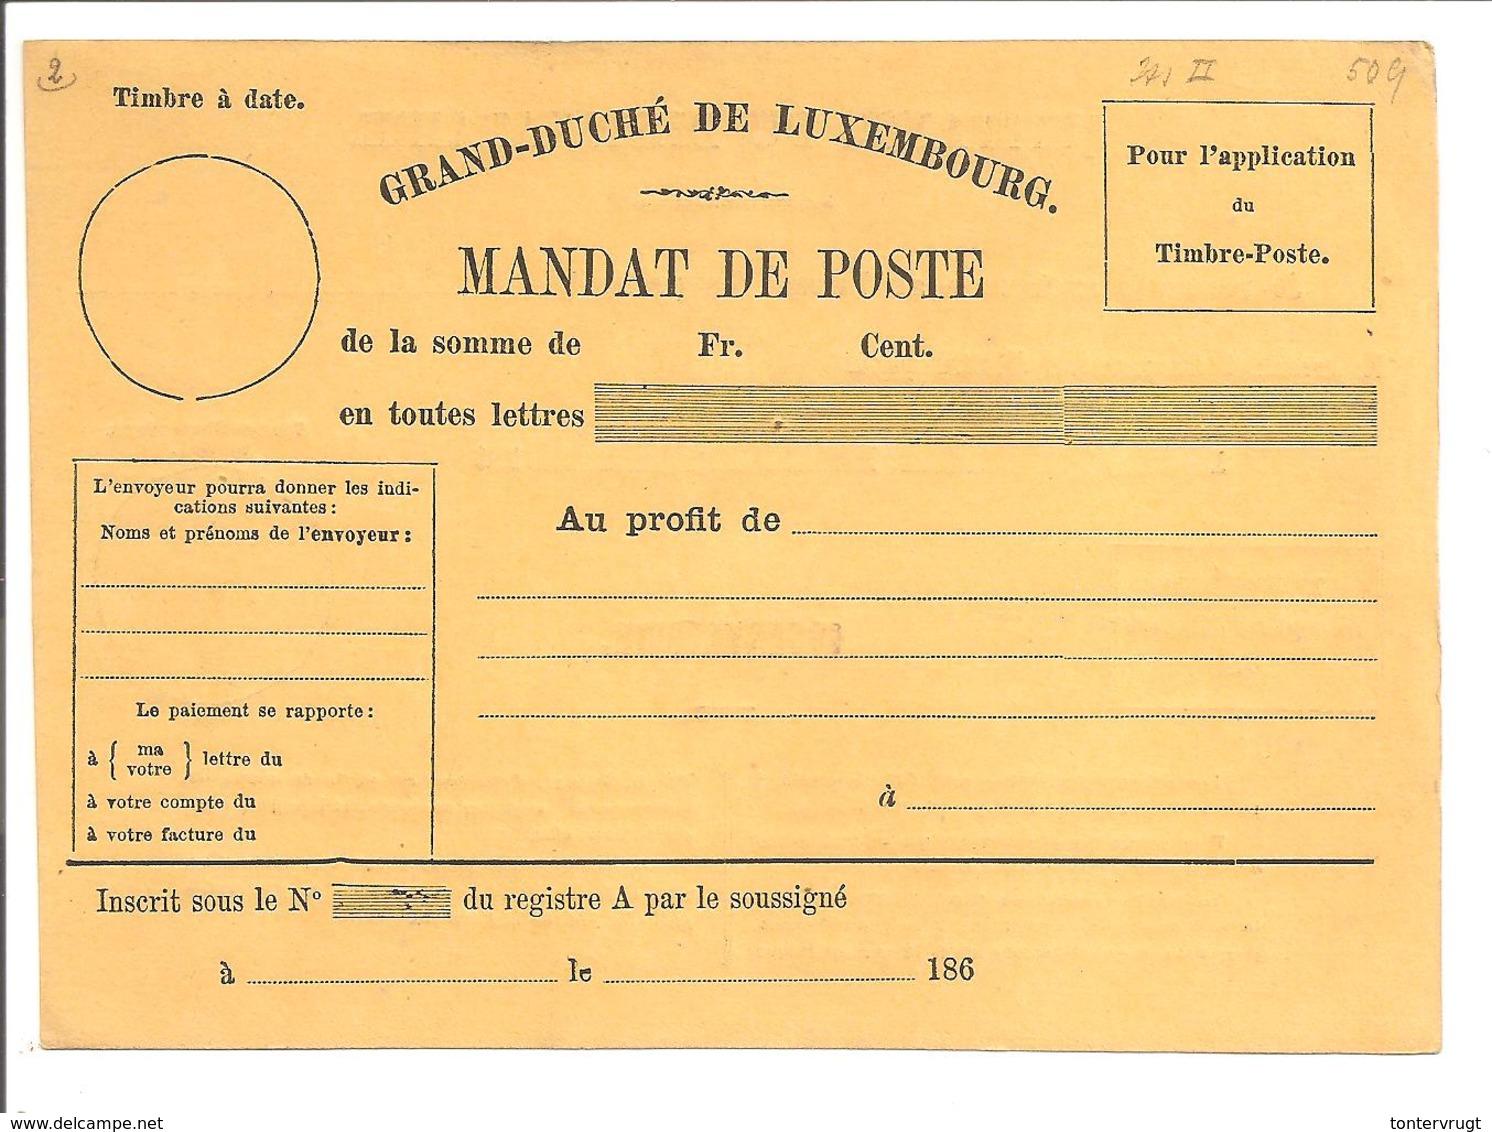 MANDAT-POSTE INTERNATIONAL186 Jaune - Ganzsachen